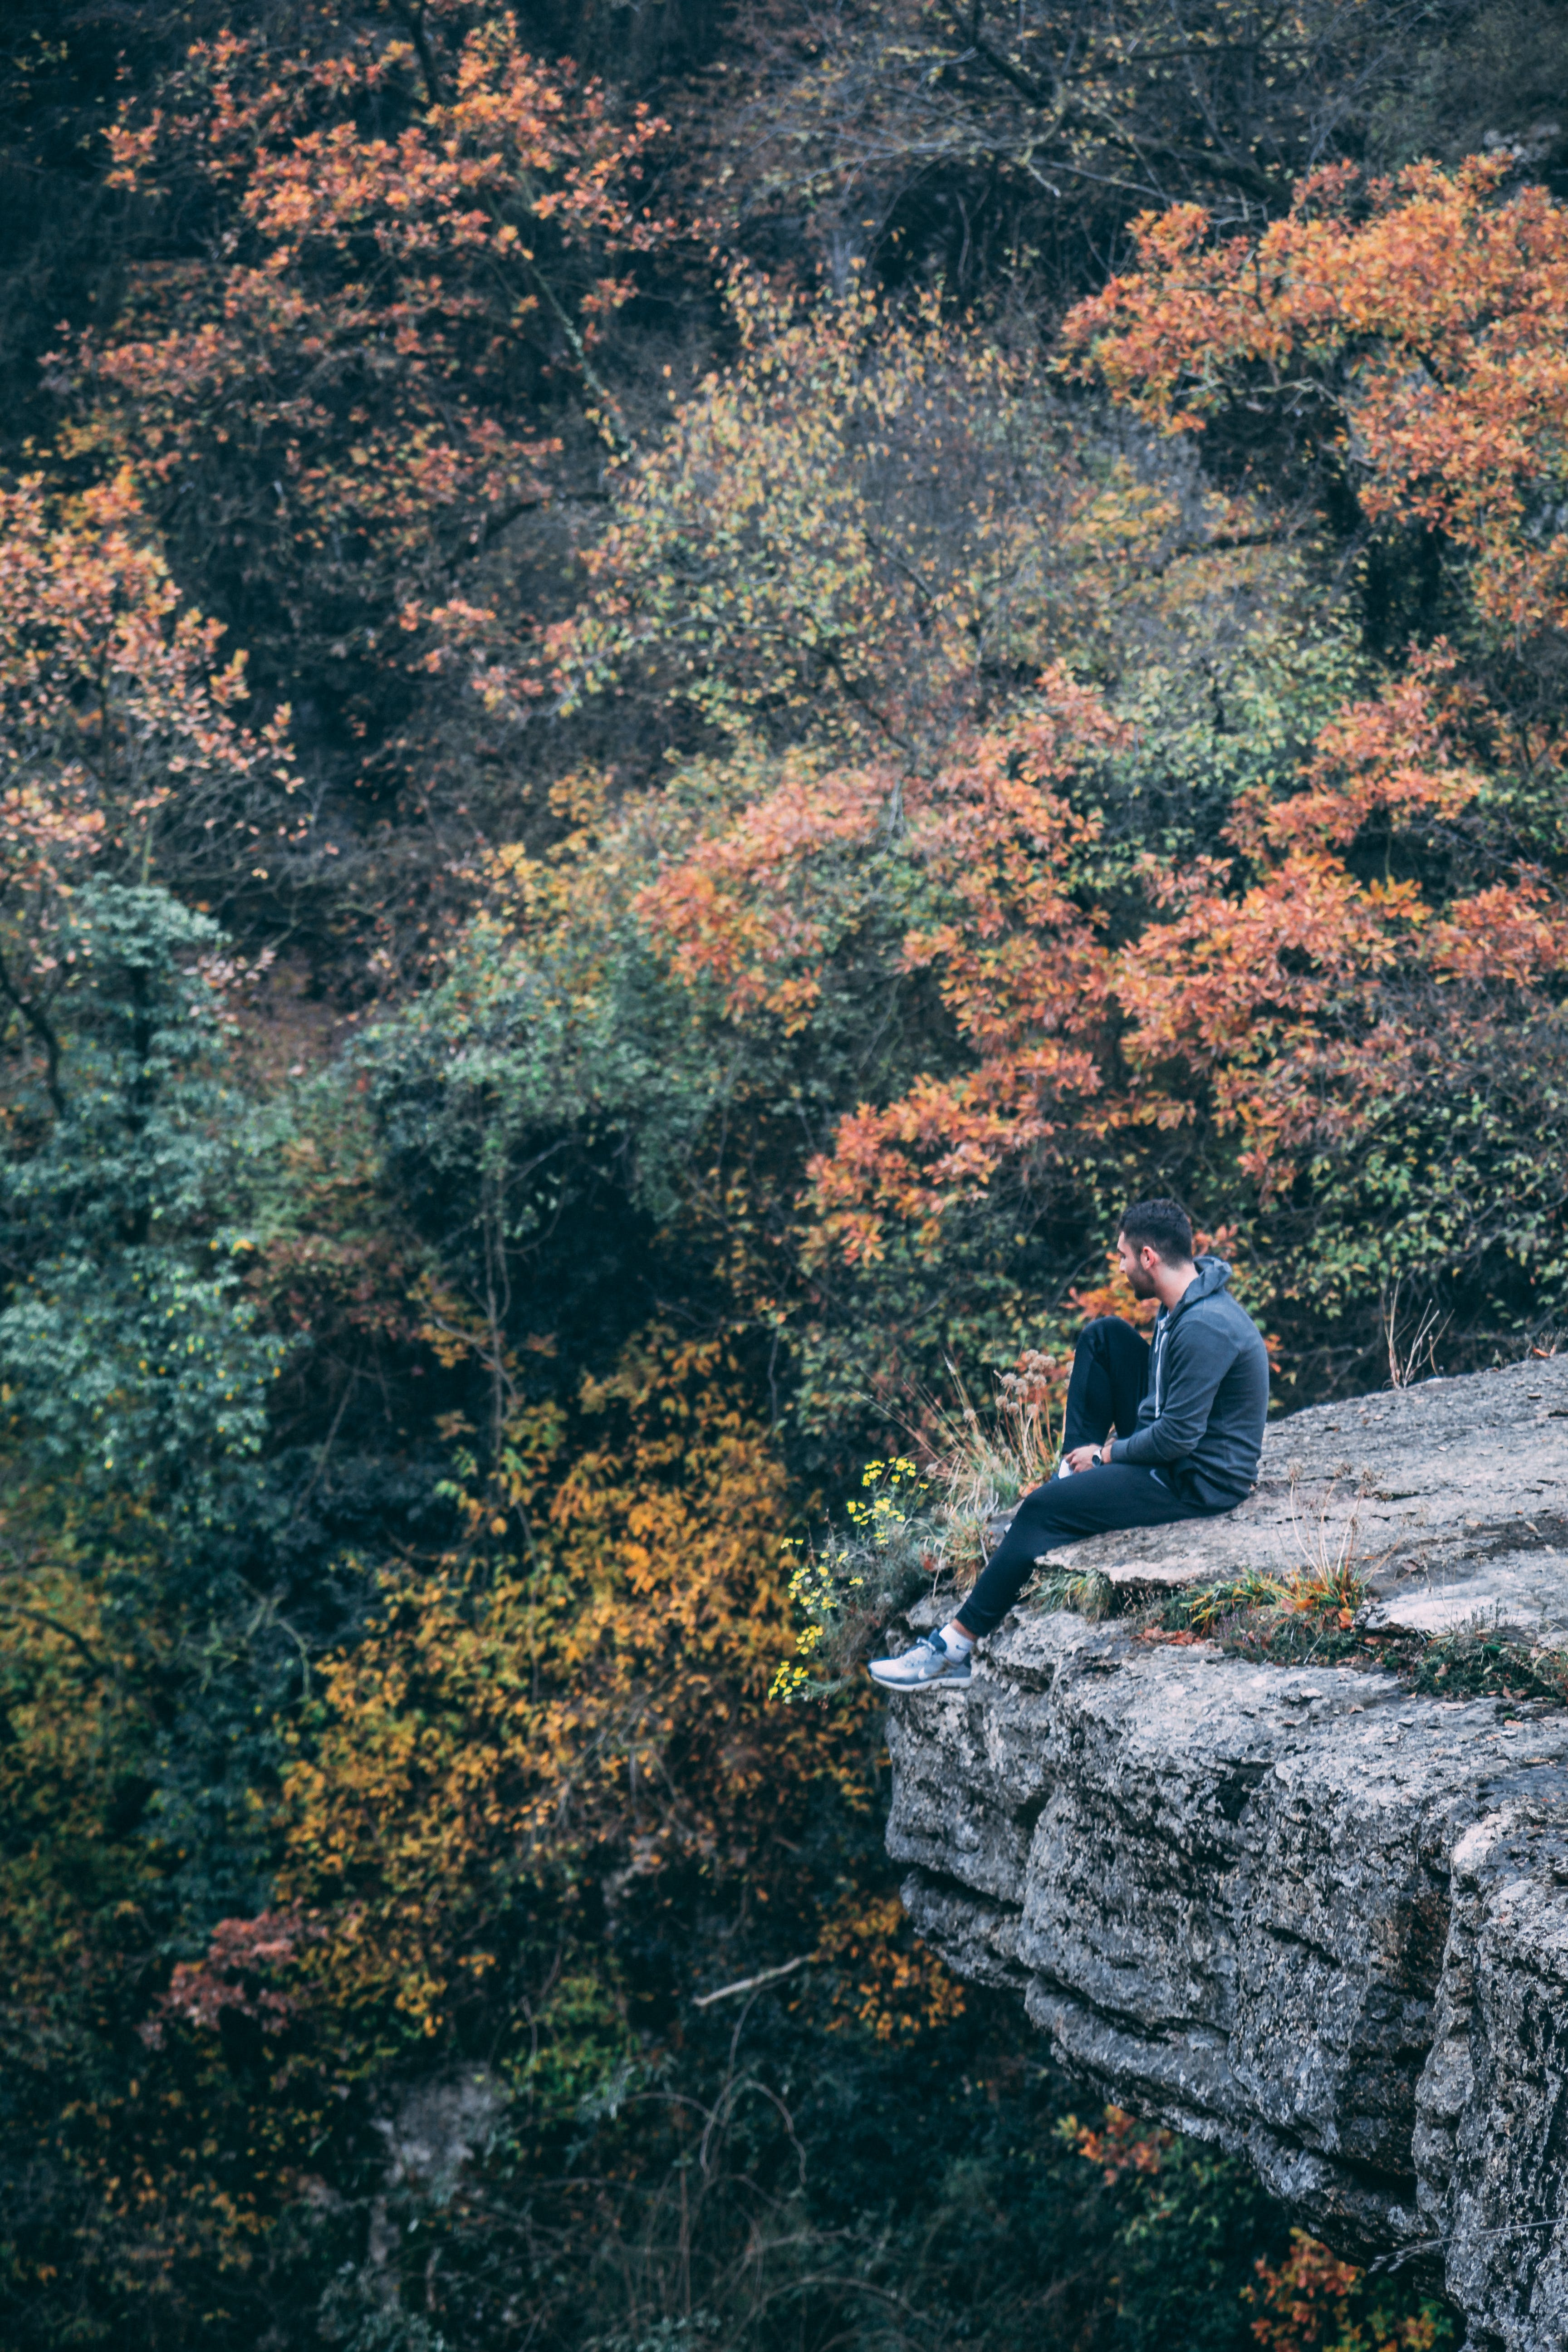 Kostenloses Stock Foto zu bäume, entspannung, erholung, erwachsener